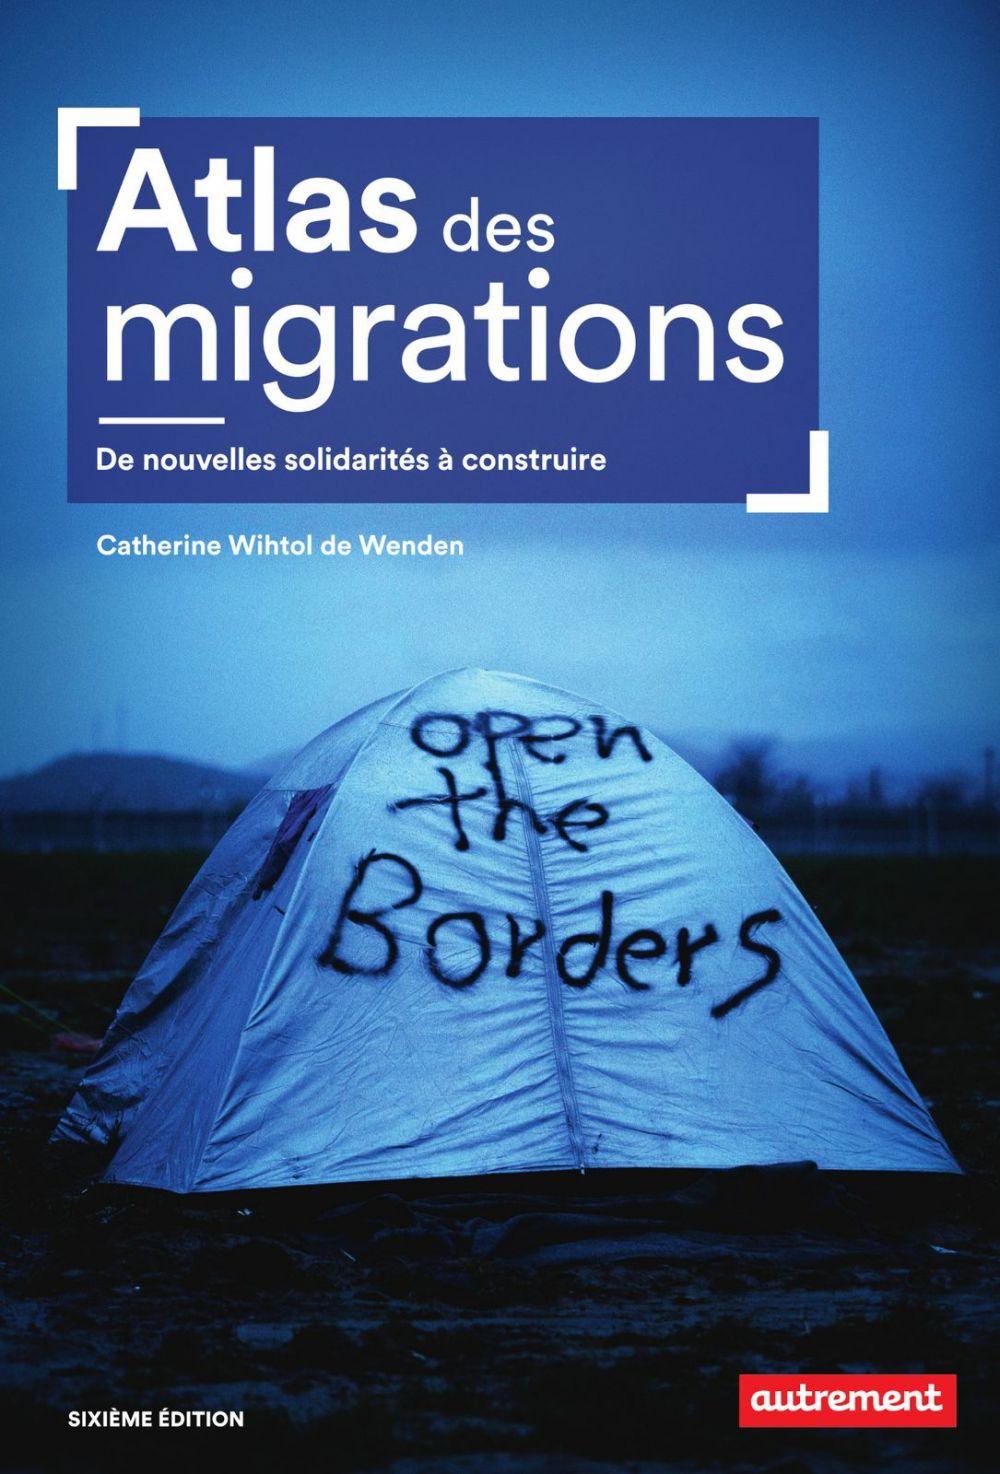 Atlas des migrations. De nouvelles solidarités à costruire |